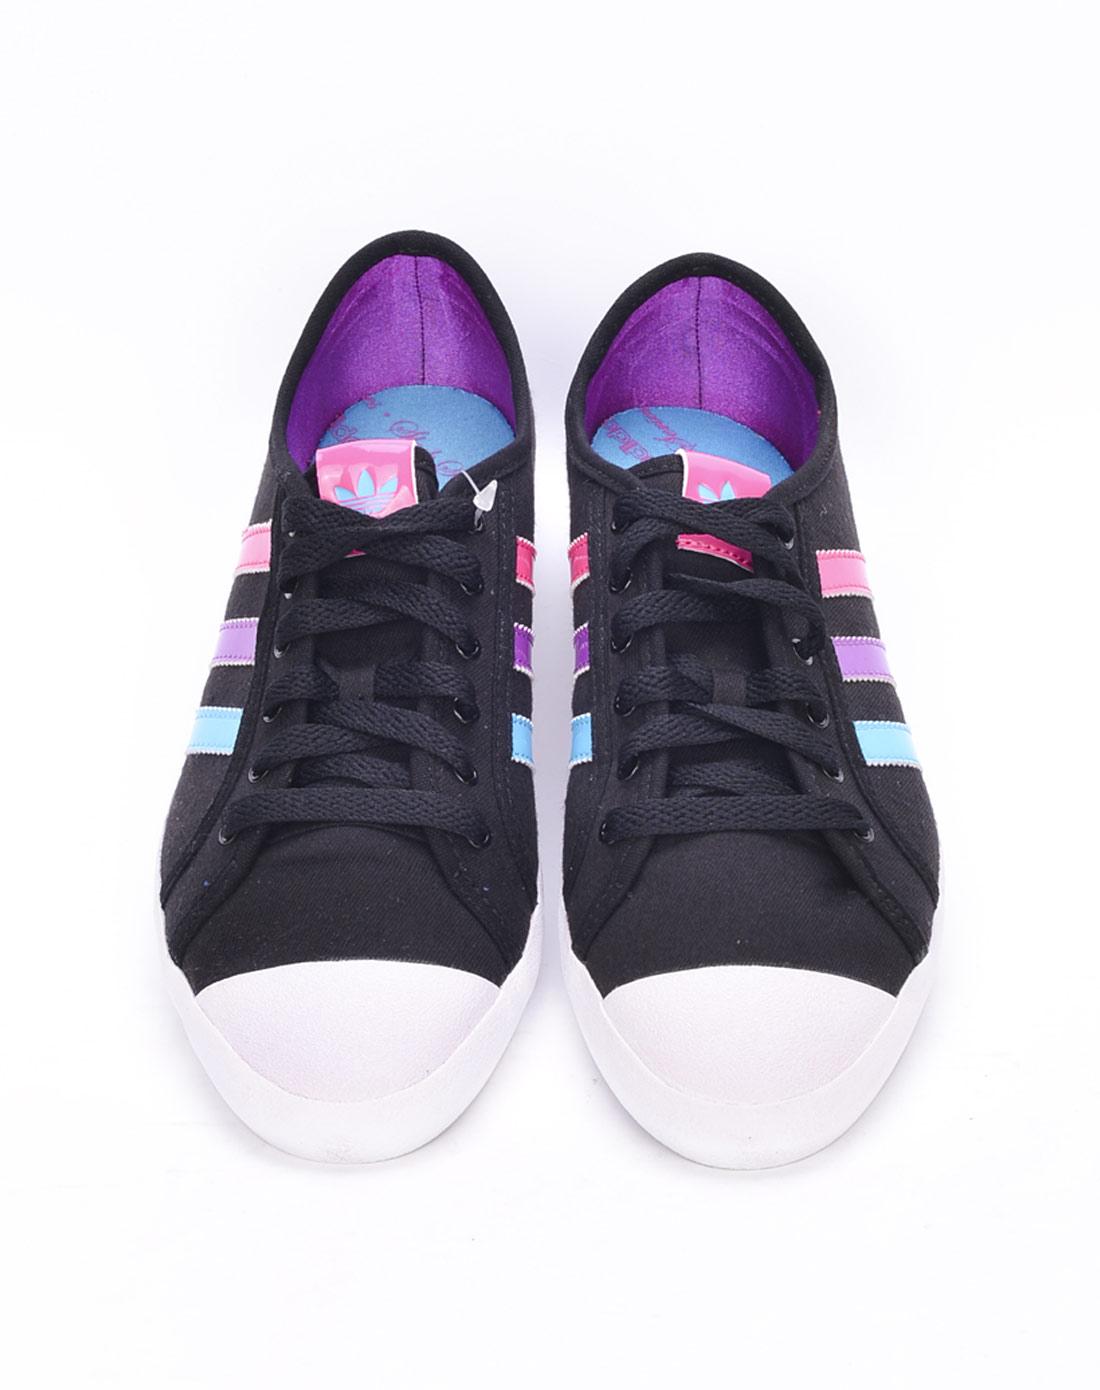 阿迪达斯adidas女子黑色复古鞋G62099 唯品会 -女子黑色复古鞋